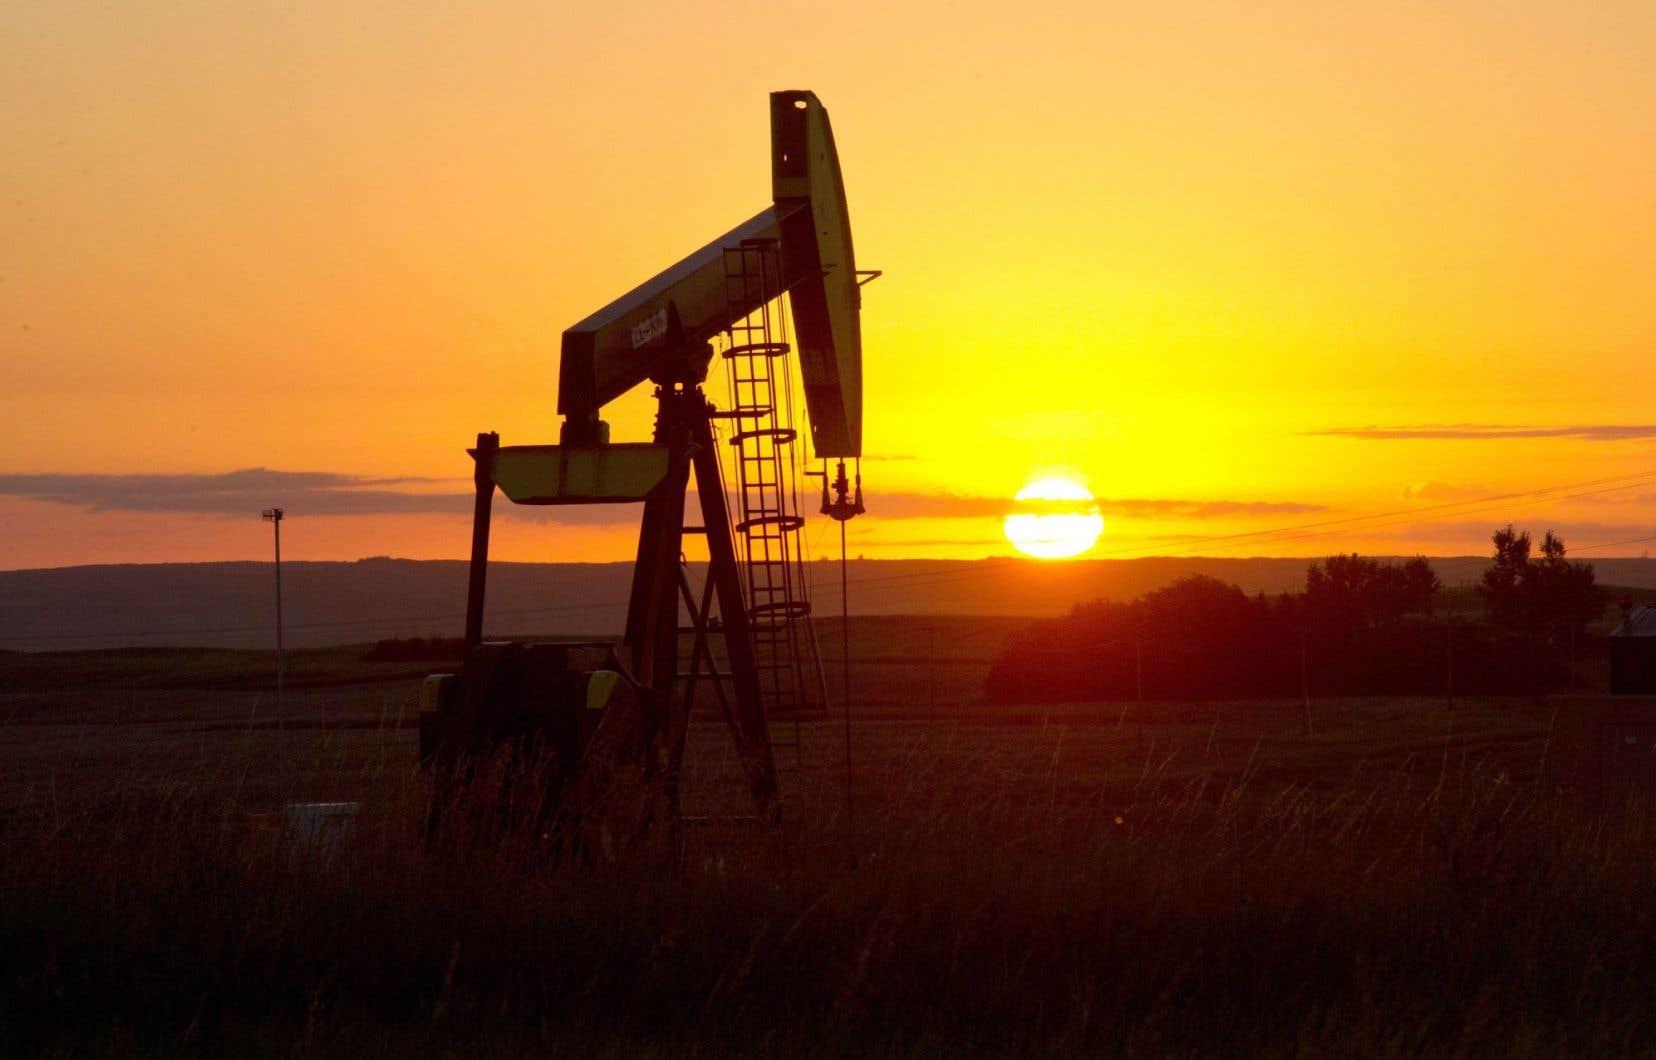 Les États-Unis produisent de grandes quantités de pétrole de schiste, notamment par l'entremise du gisement de Bakken, au Dakota du Nord.